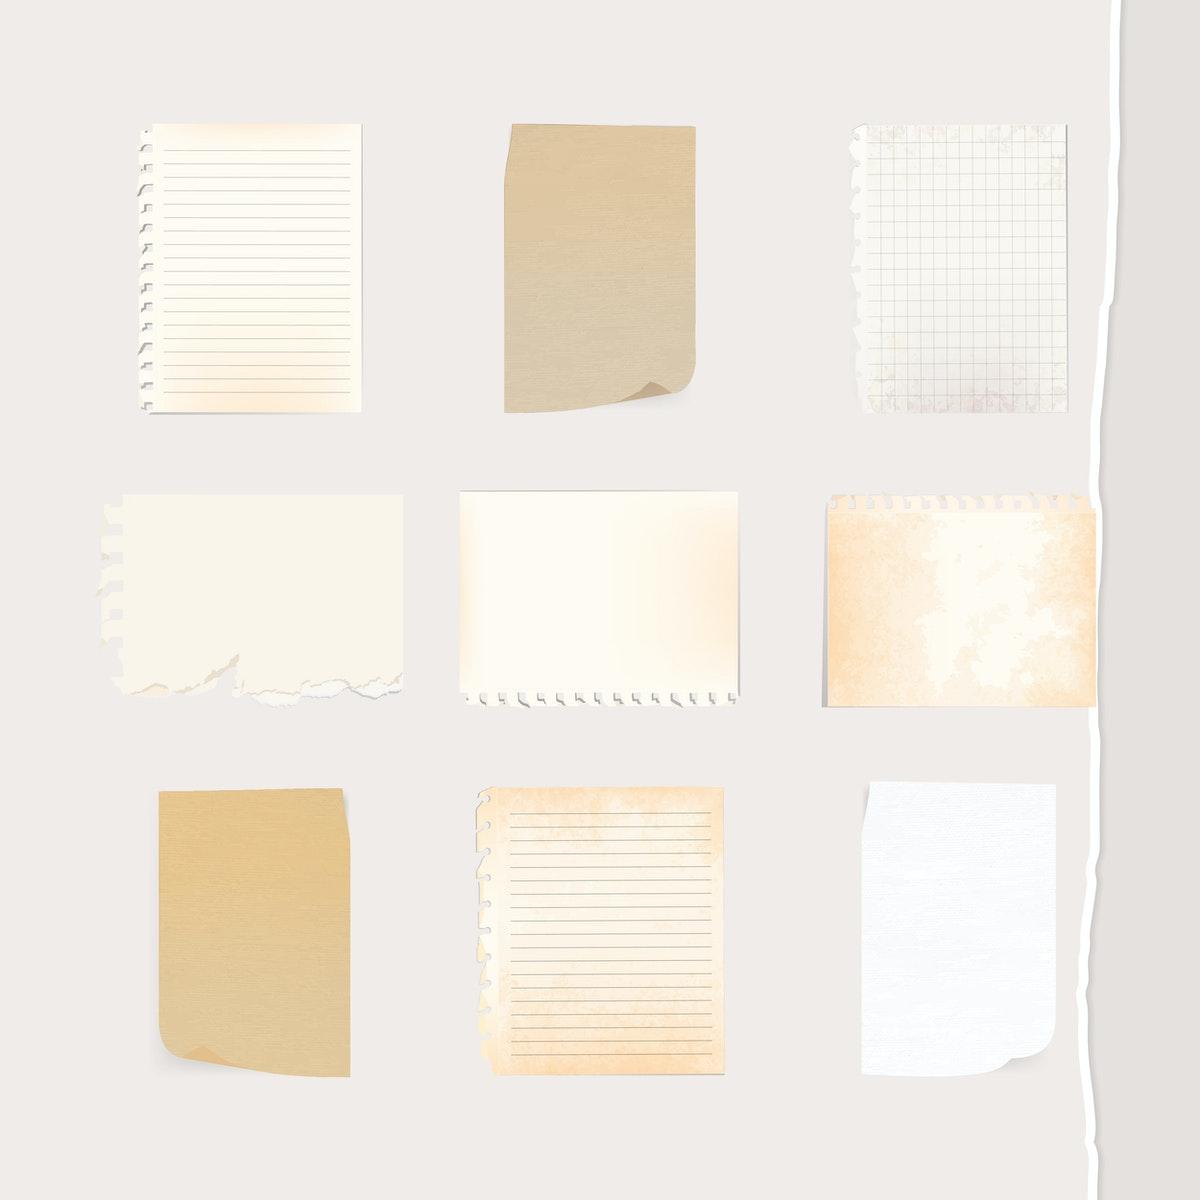 des feuilles de papier pour tracer les graphiques de sciences